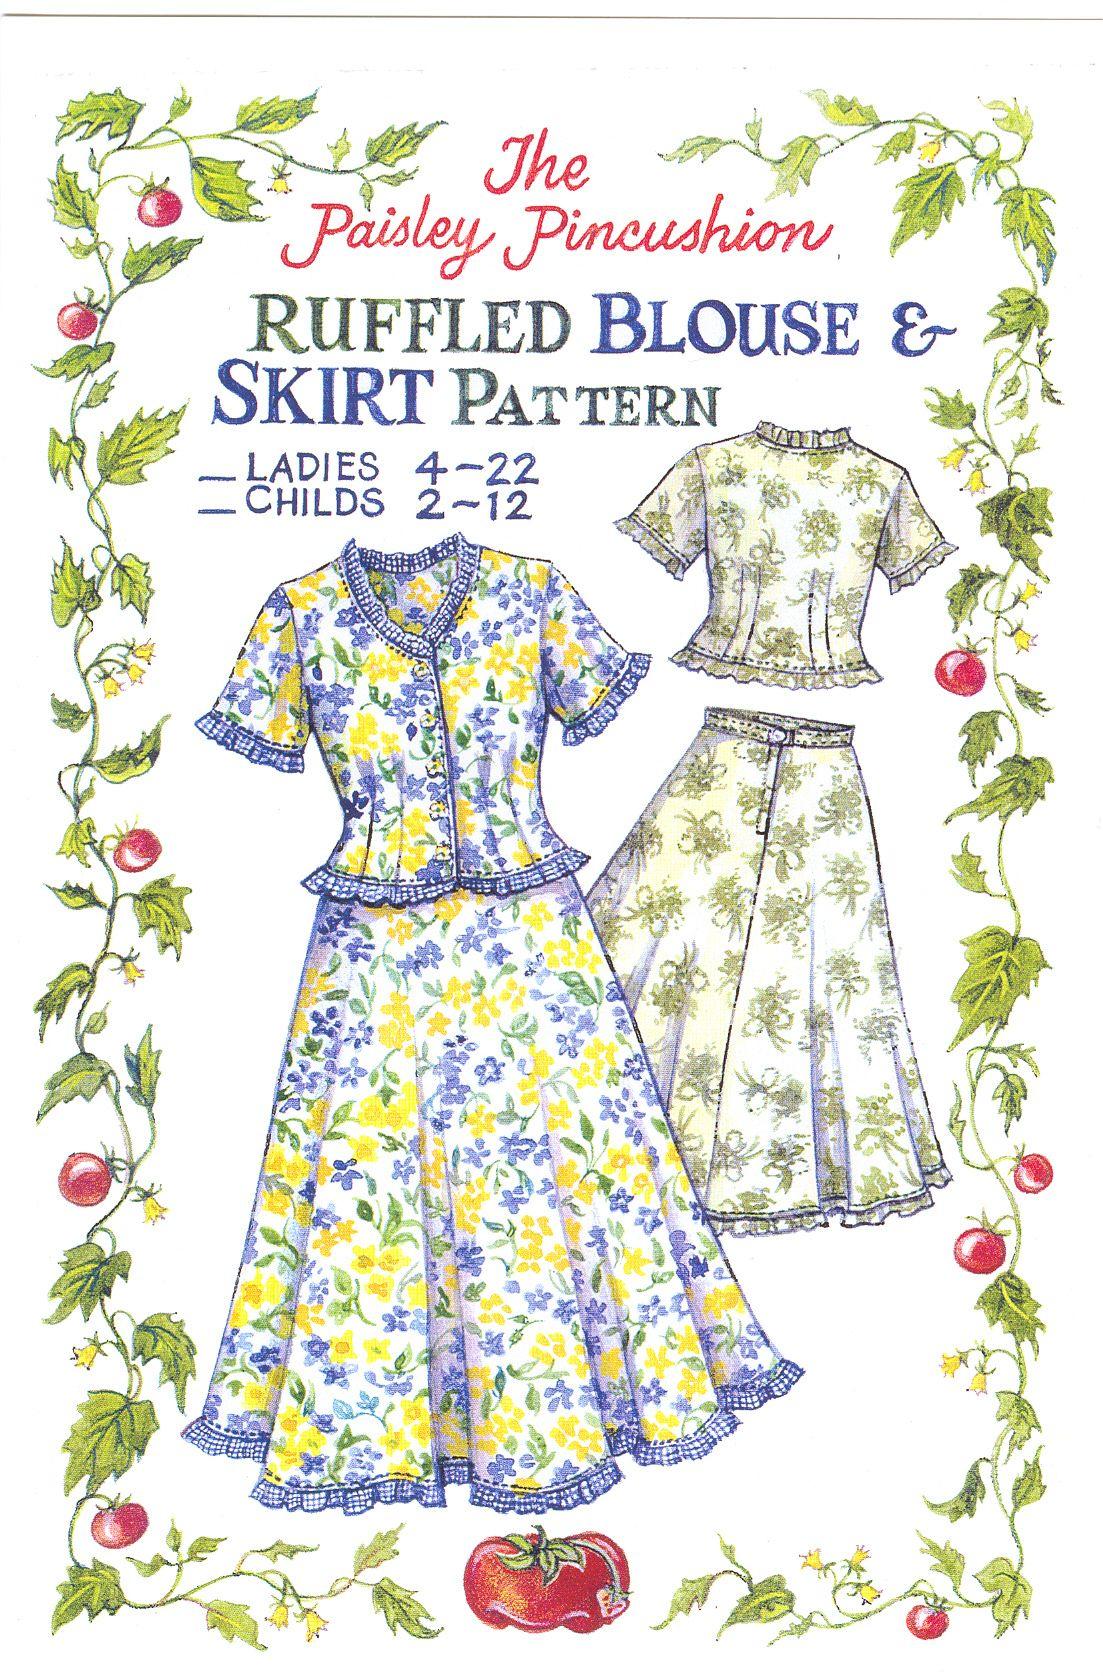 Ruffle Blouse and Skirt Pattern | Paisley Pincushion | Fabrics And ...